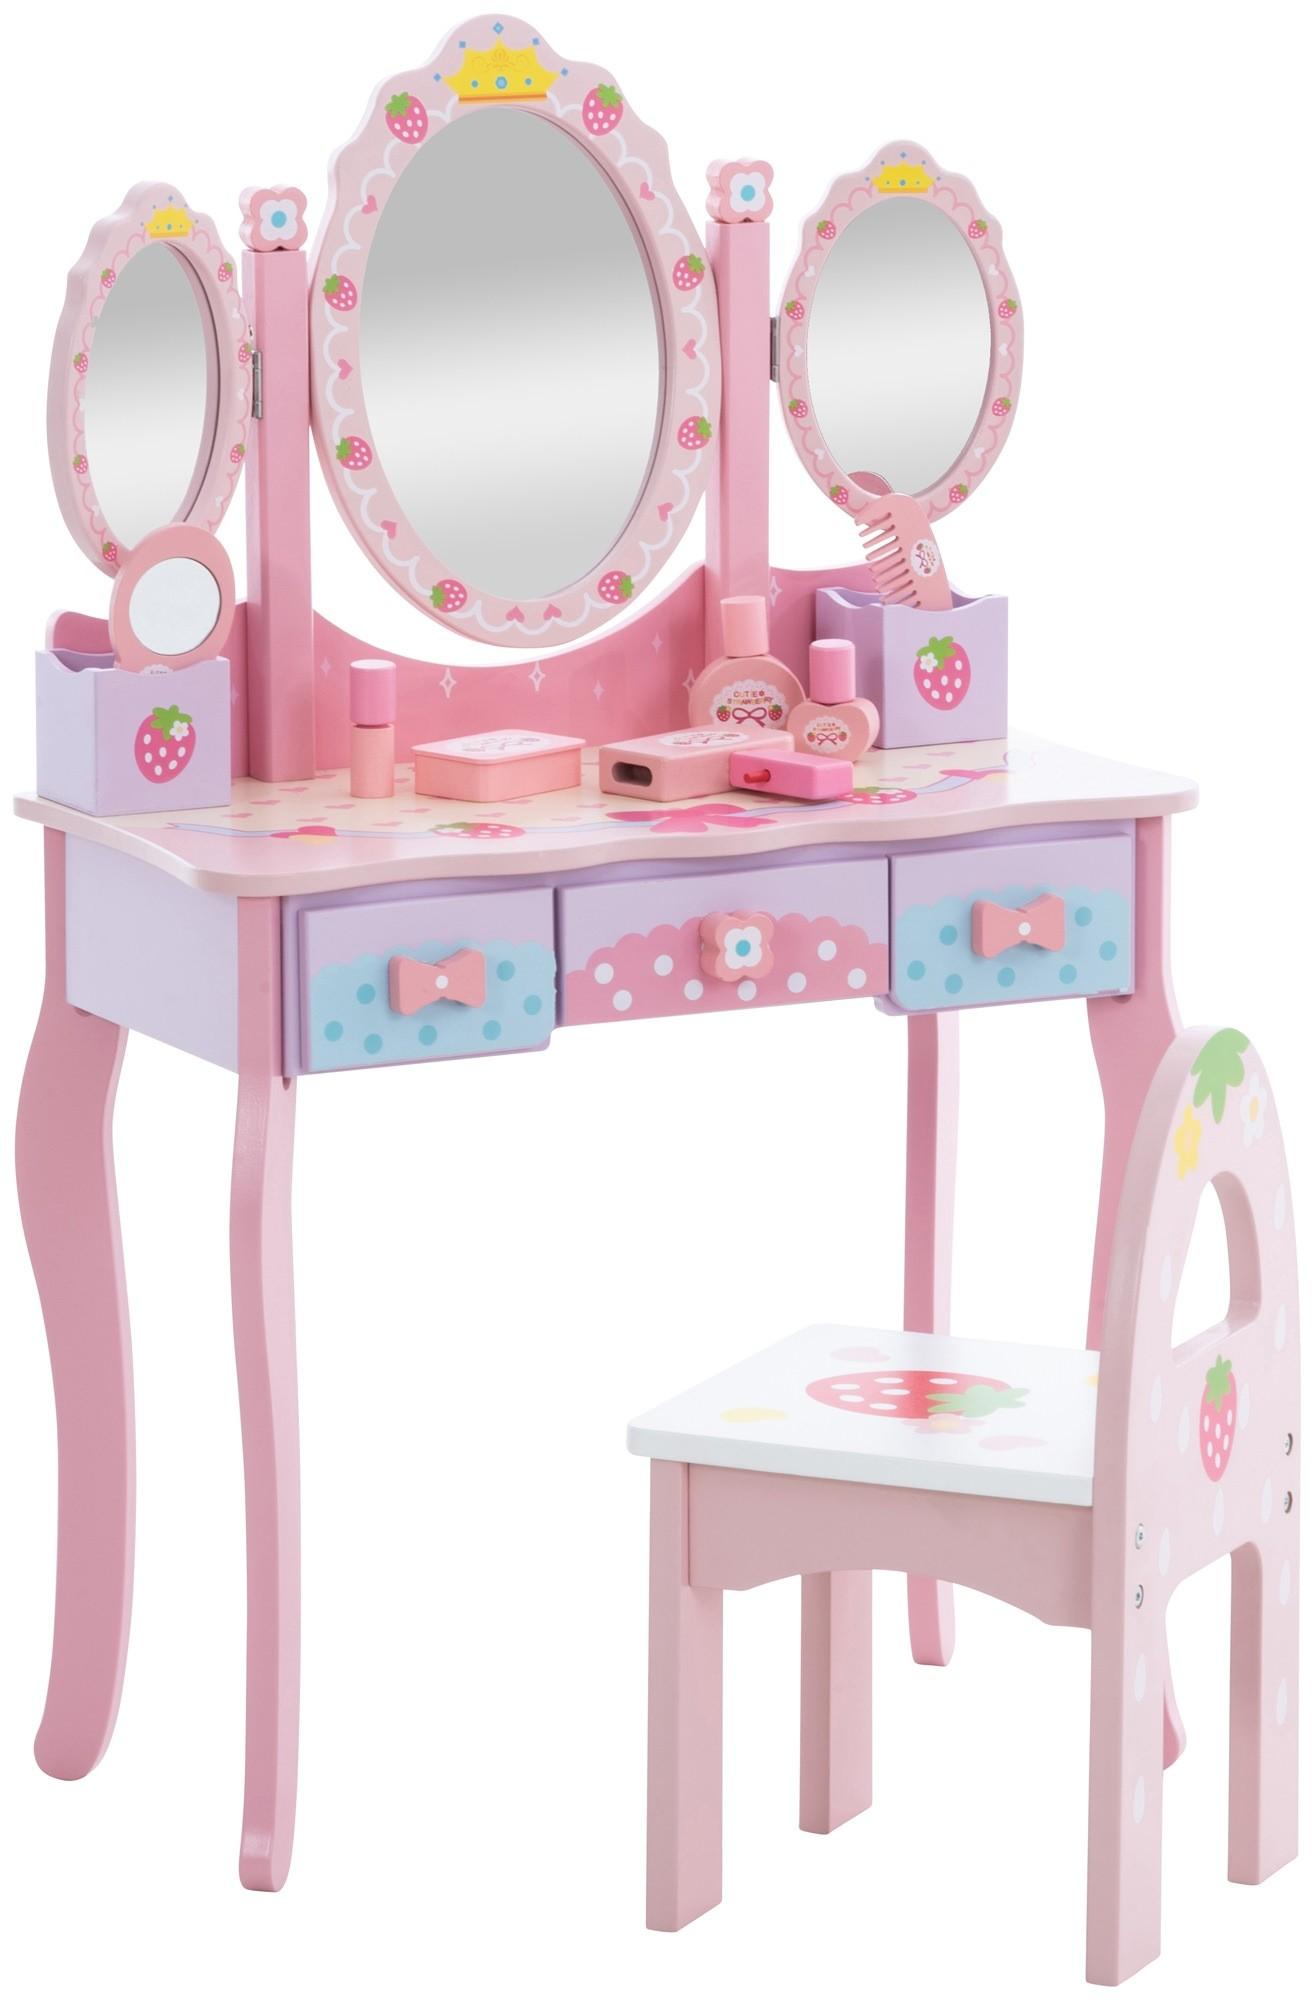 Coiffeuse pour enfants Emilia avec chaise - Tables - Salon, salle